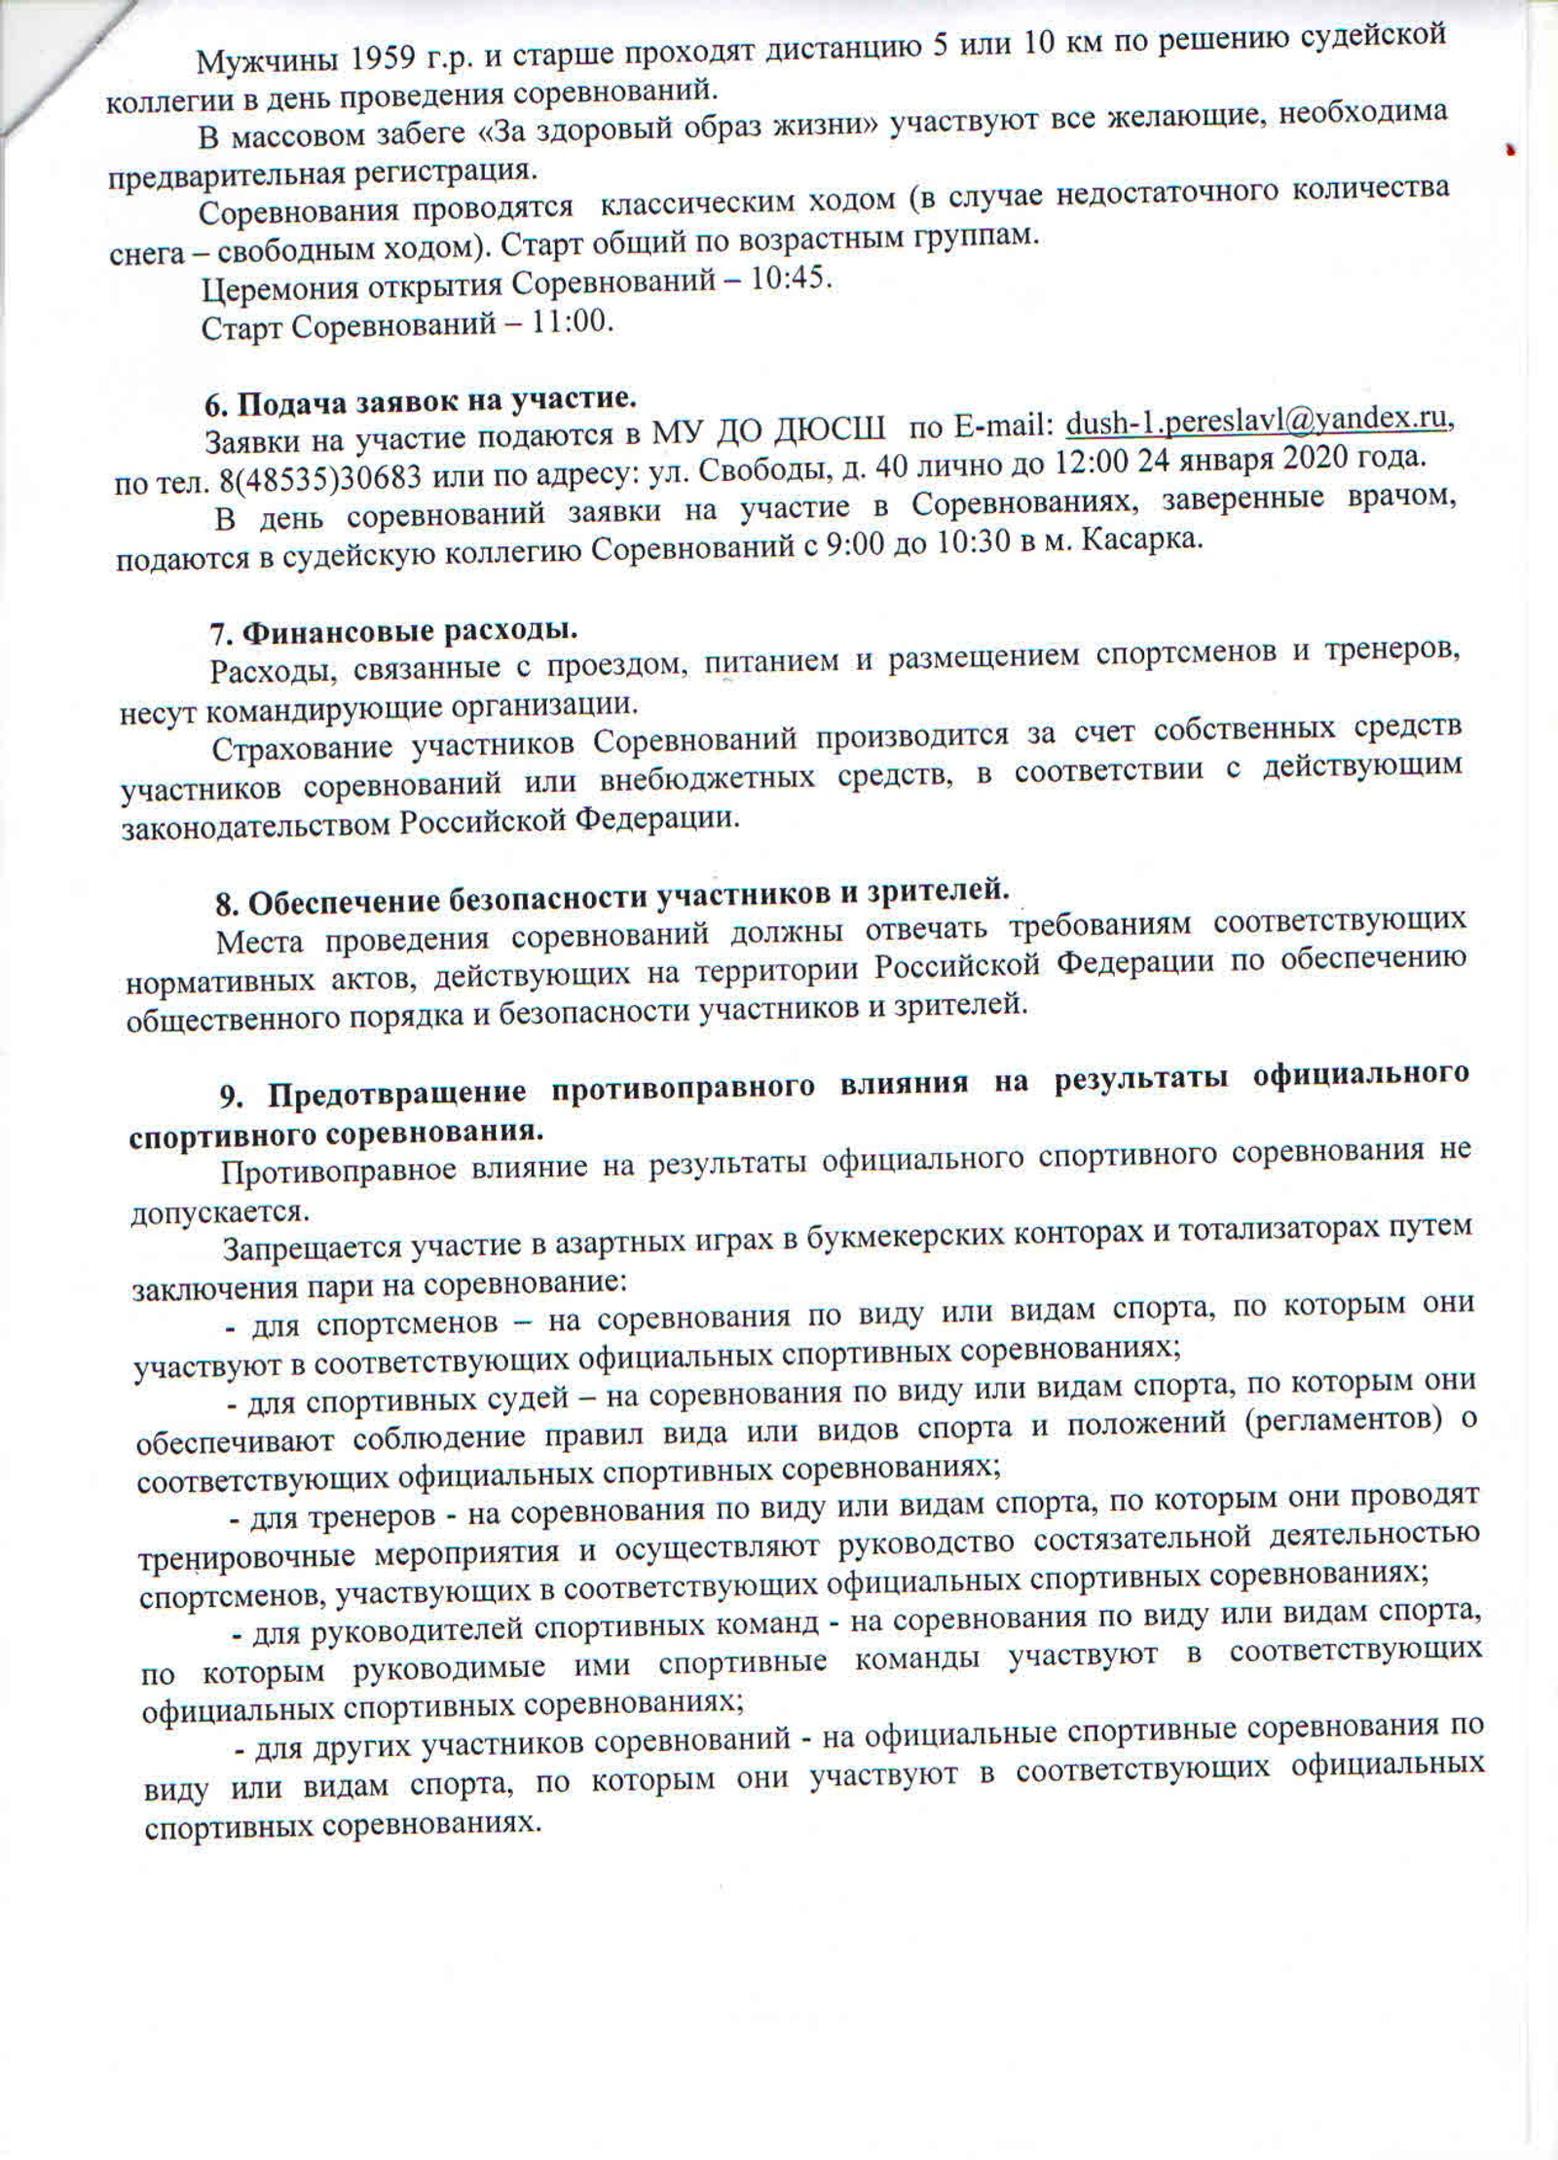 Положение лыжной гонки в Переславле-Залесском 2020